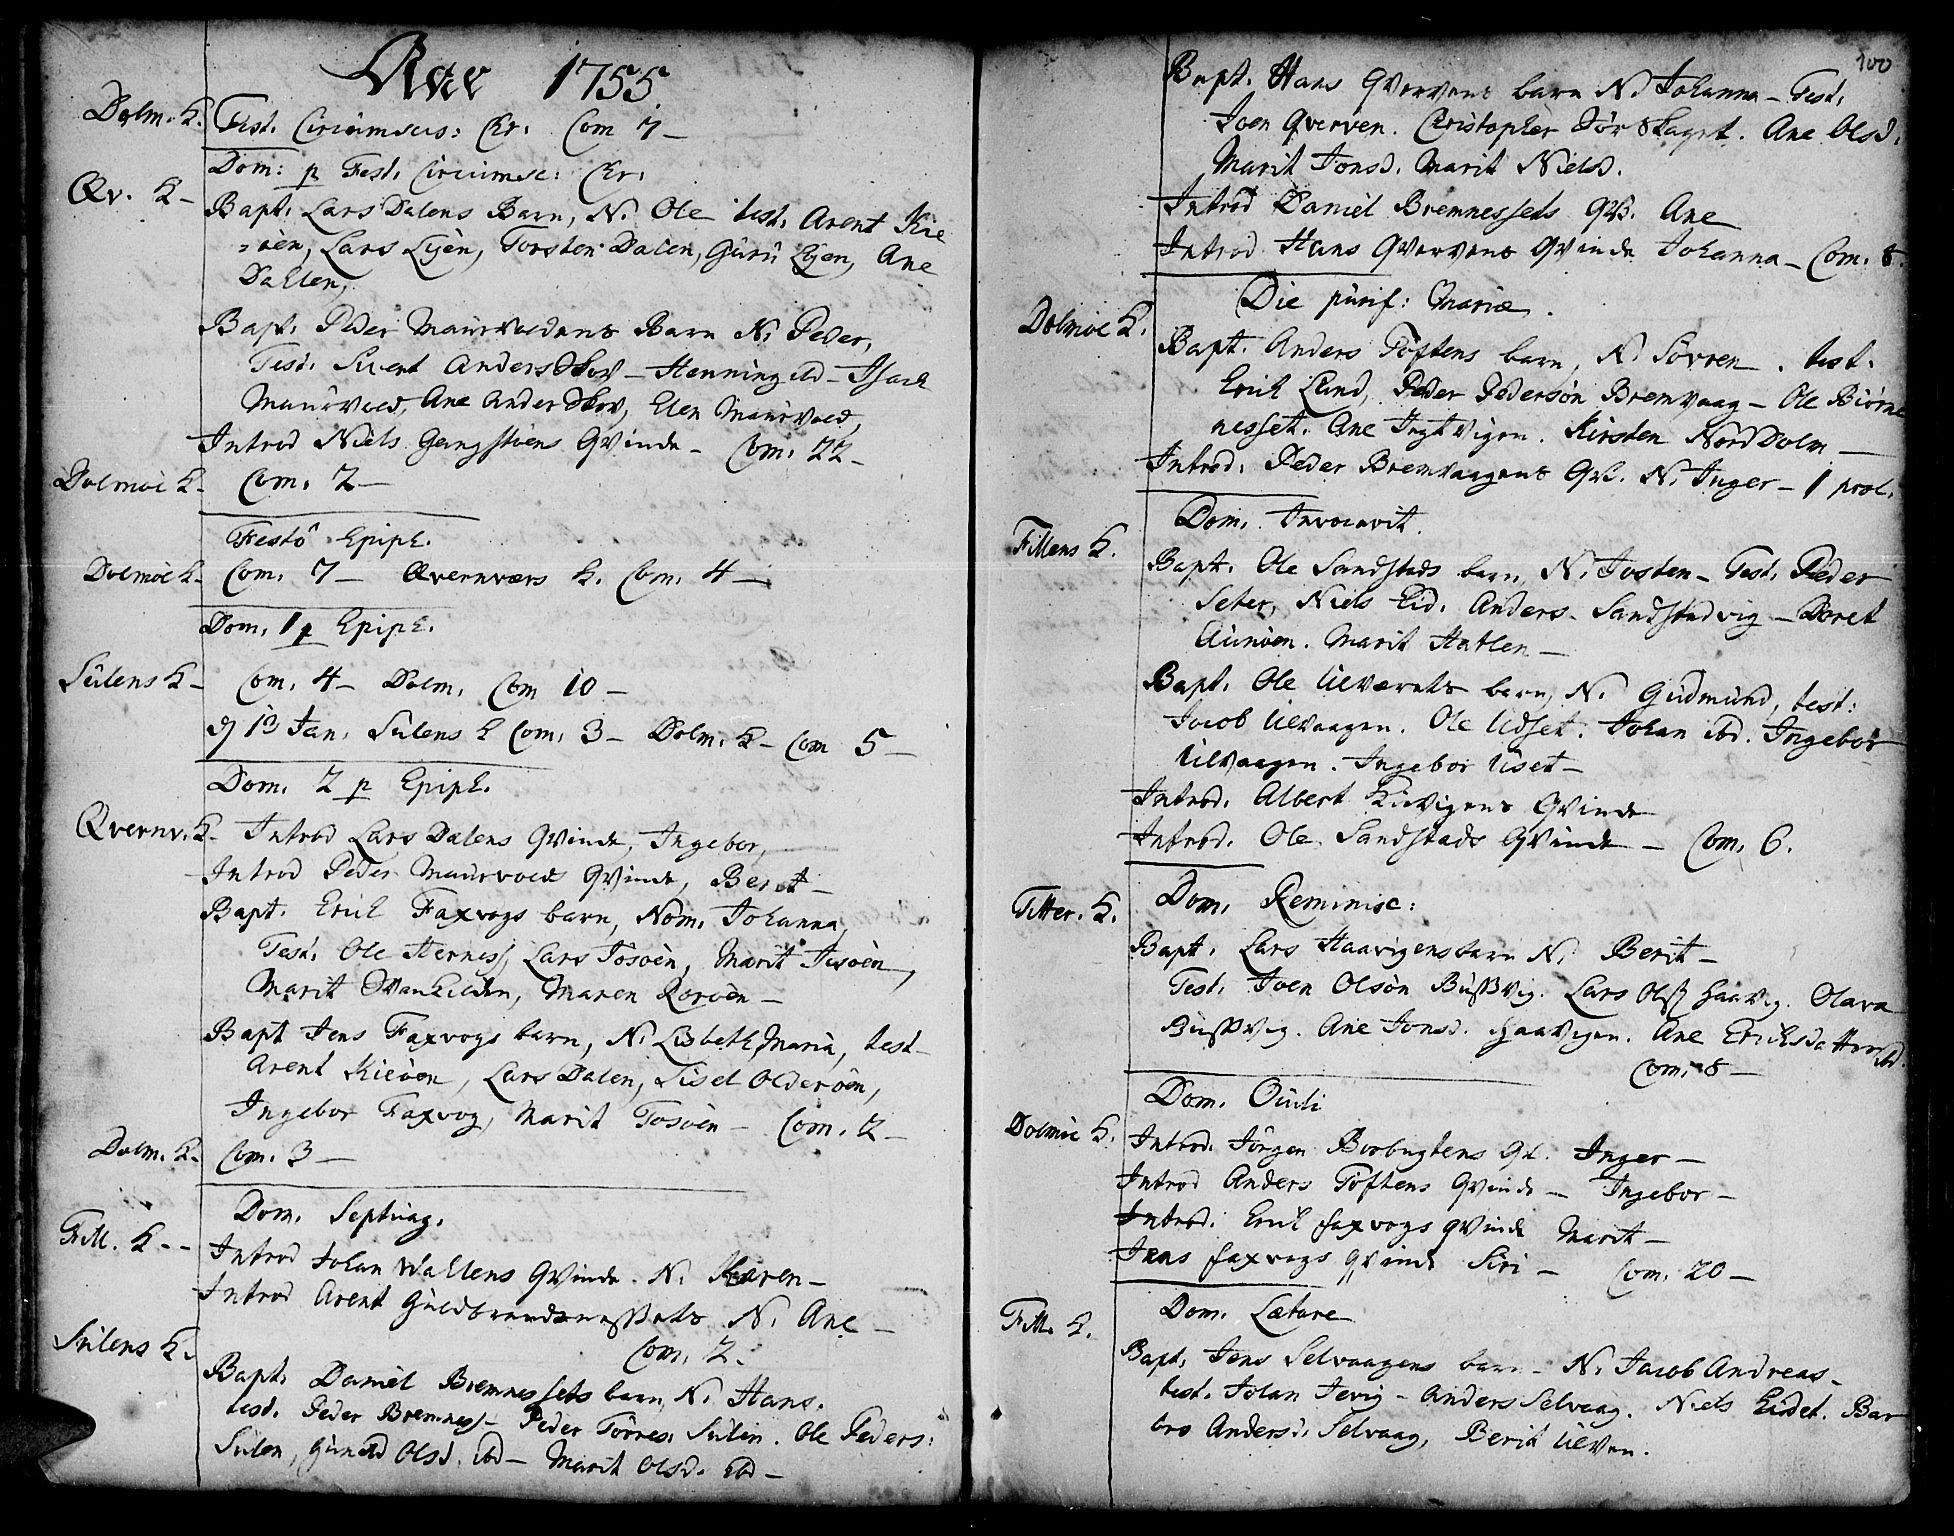 SAT, Ministerialprotokoller, klokkerbøker og fødselsregistre - Sør-Trøndelag, 634/L0525: Ministerialbok nr. 634A01, 1736-1775, s. 100